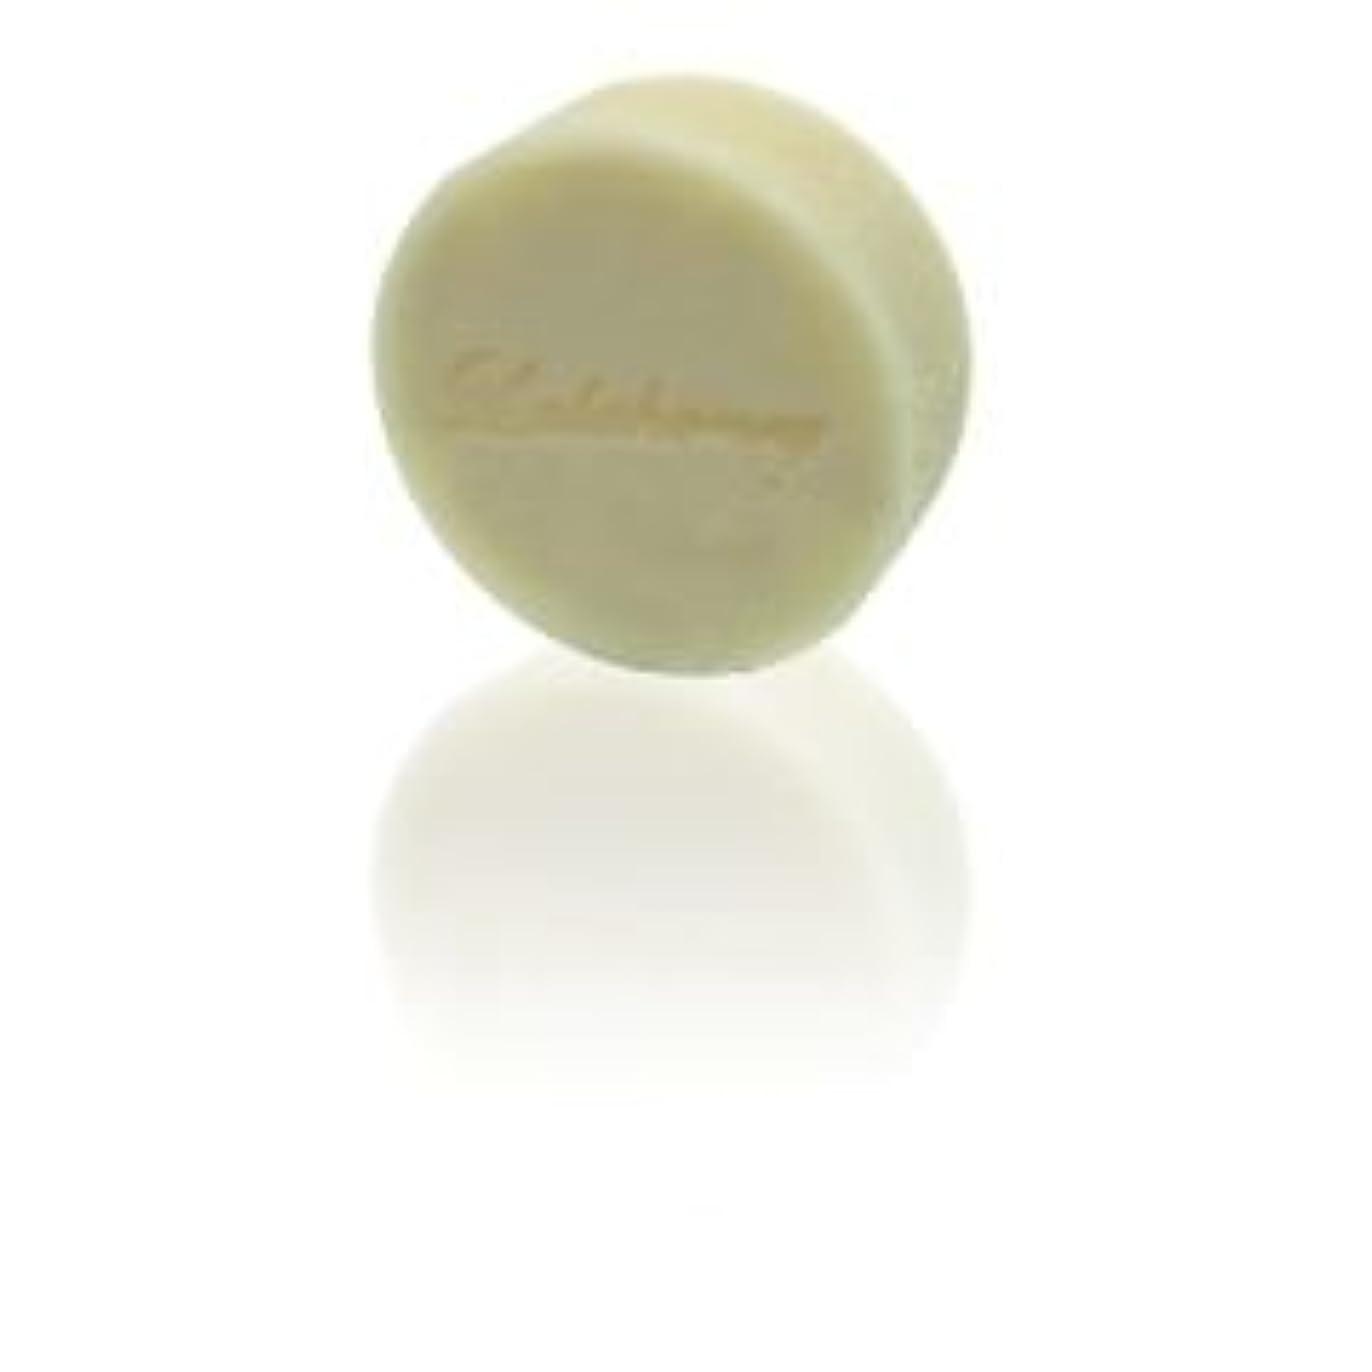 リース虚弱デンマーク語LALAHONEY 石鹸〈ココナッツ/ココナツ〉シャワー用?ライムの香り 80g【手作りでシンプルなコールドプロセス製法】